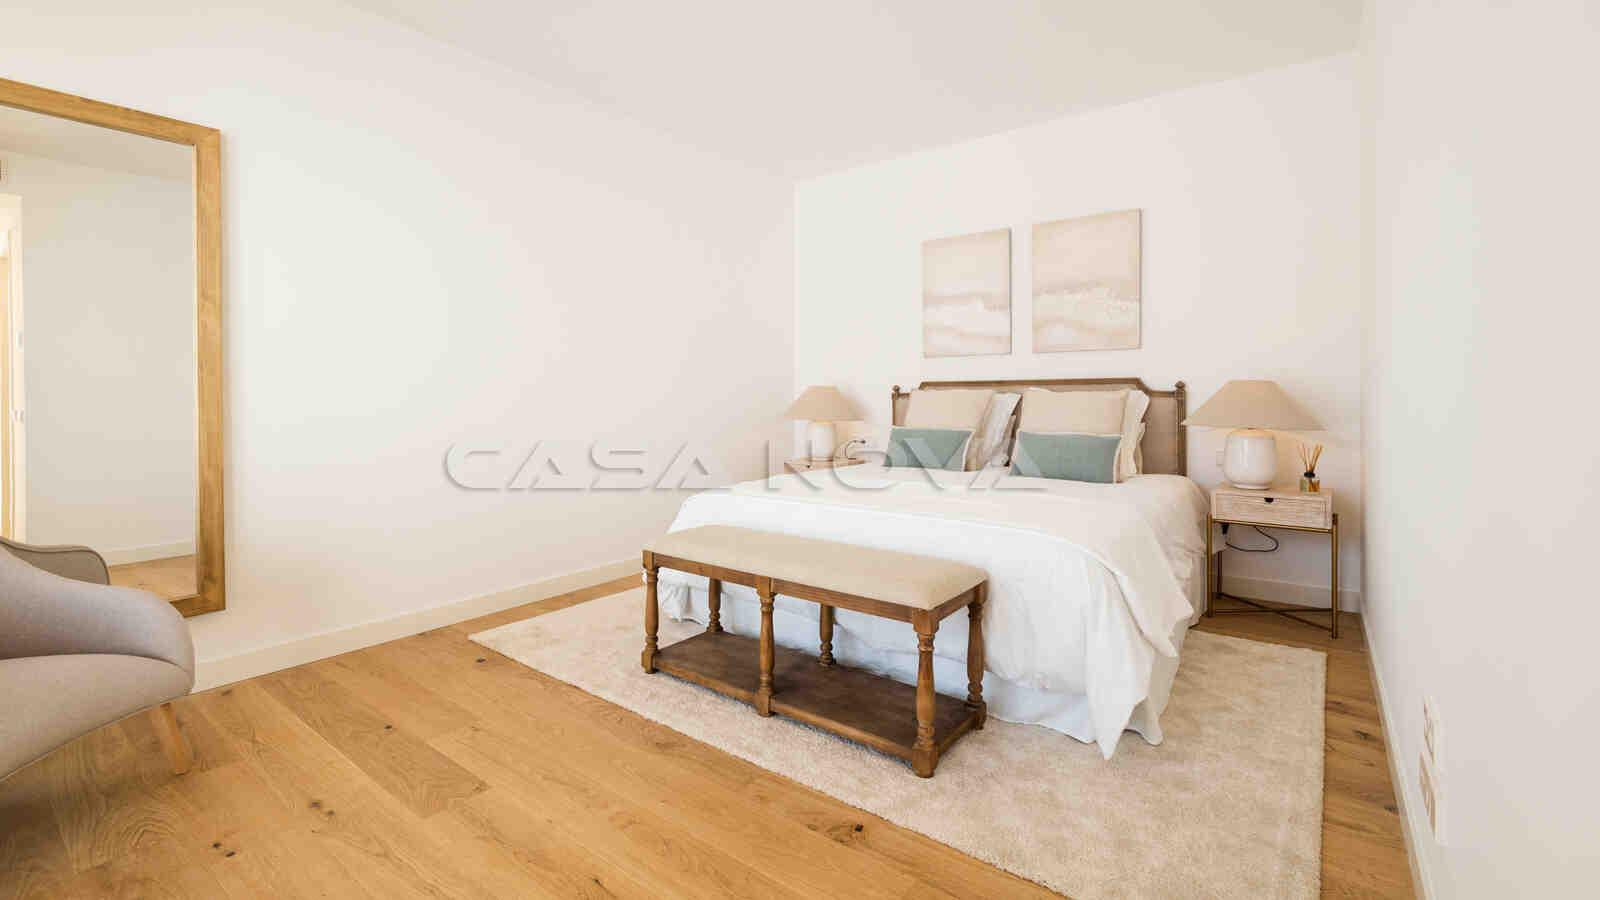 Großes Doppelschlafzimmer mit mediterranen Elementen